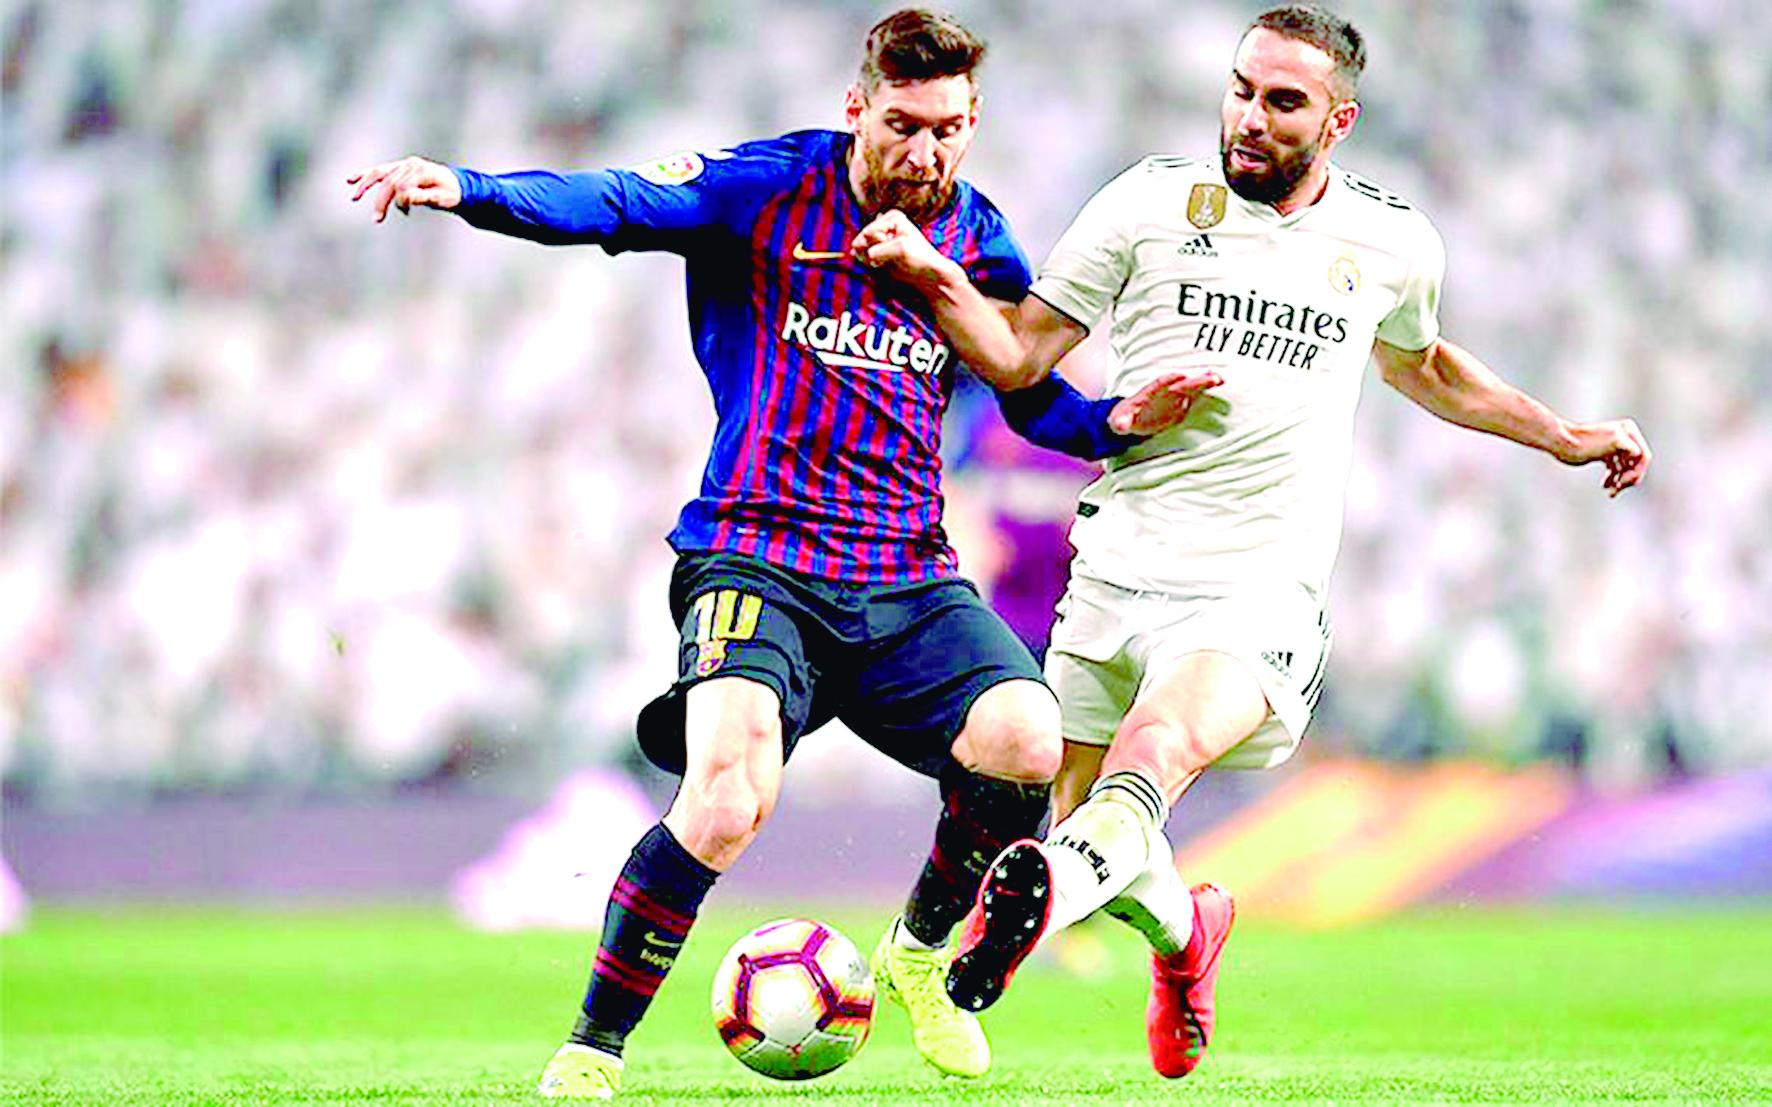 Clásico español aplazado hasta el 18 de diciembre | Deportes | EL FRENTE